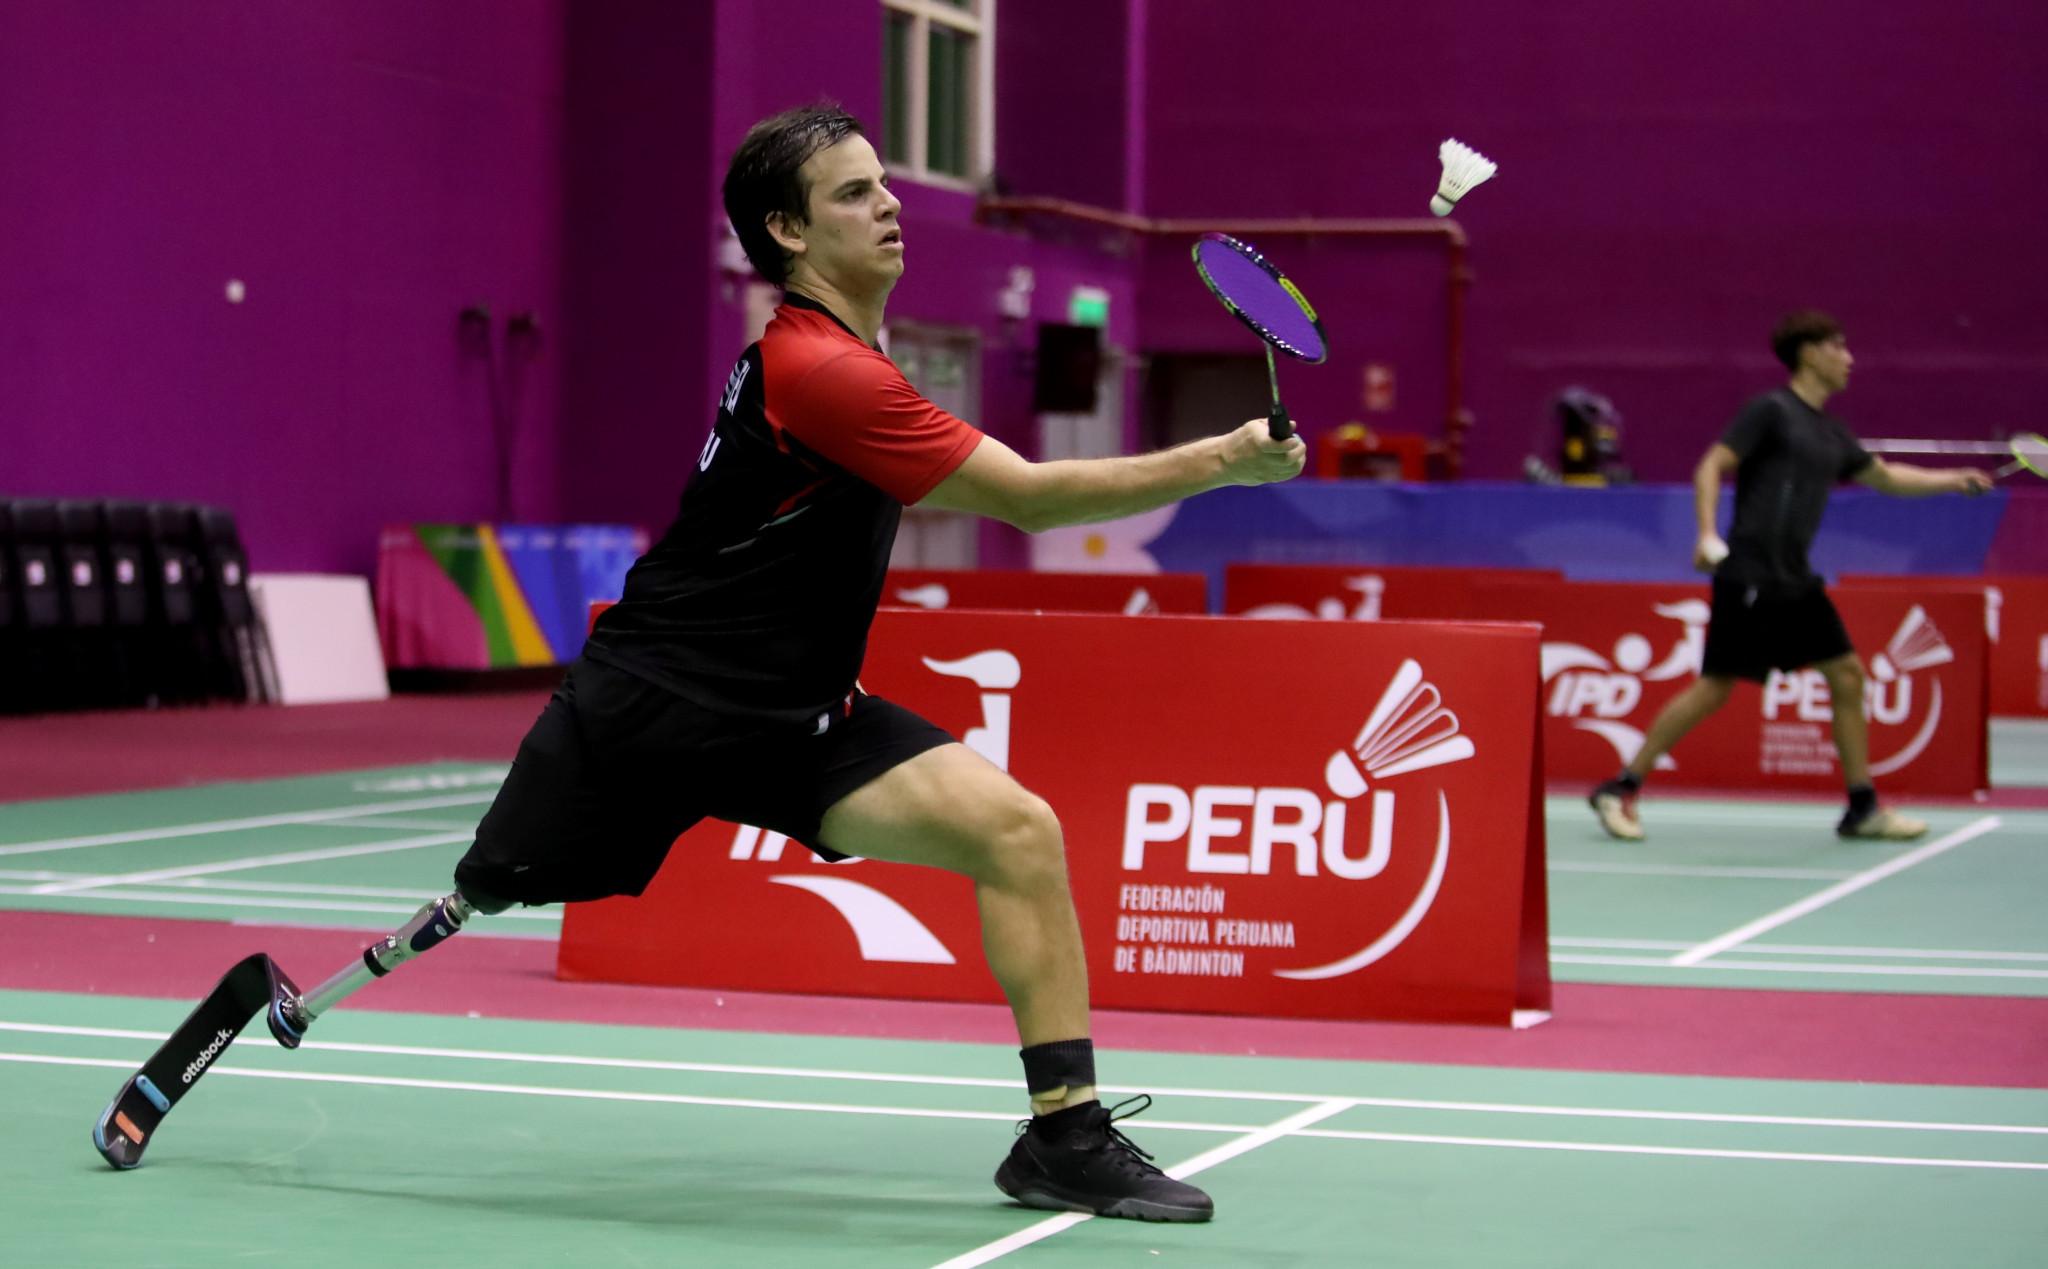 BWF considering options for restart of Para-badminton